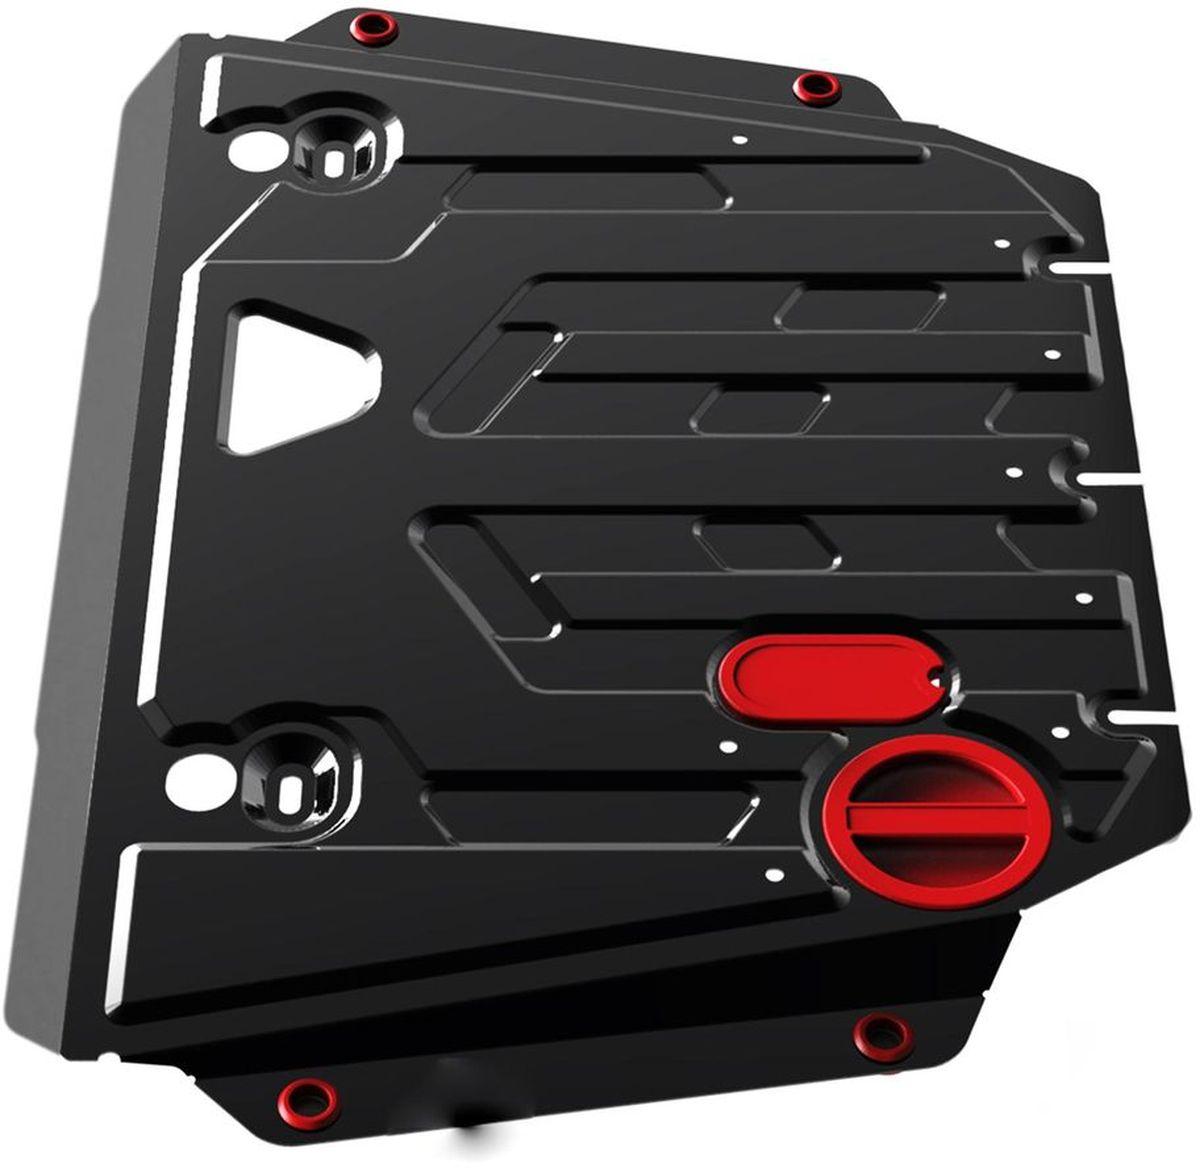 Защита картера Автоброня, для Toyota LC150 часть 2, V - 4,0; V - 3,0TD/ Lexus GX 460 2 часть, V - 4,6111.05784.1Технологически совершенный продукт за невысокую стоимость. Защита разработана с учетом особенностей днища автомобиля, что позволяет сохранить дорожный просвет с минимальным изменением. Защита устанавливается в штатные места кузова автомобиля. Глубокий штамп обеспечивает до двух раз больше жесткости в сравнении с обычной защитой той же толщины. Проштампованные ребра жесткости препятствуют деформации защиты при ударах. Тепловой зазор и вентиляционные отверстия обеспечивают сохранение температурного режима двигателя в норме. Скрытый крепеж предотвращает срыв крепежных элементов при наезде на препятствие. Шумопоглощающие резиновые элементы обеспечивают комфортную езду без вибраций и скрежета металла, а съемные лючки для слива масла и замены фильтра - экономию средств и время. Конструкция изделия не влияет на пассивную безопасность автомобиля (при ударе защита не воздействует на деформационные зоны кузова). Со штатным крепежом. В комплекте инструкция по установке....